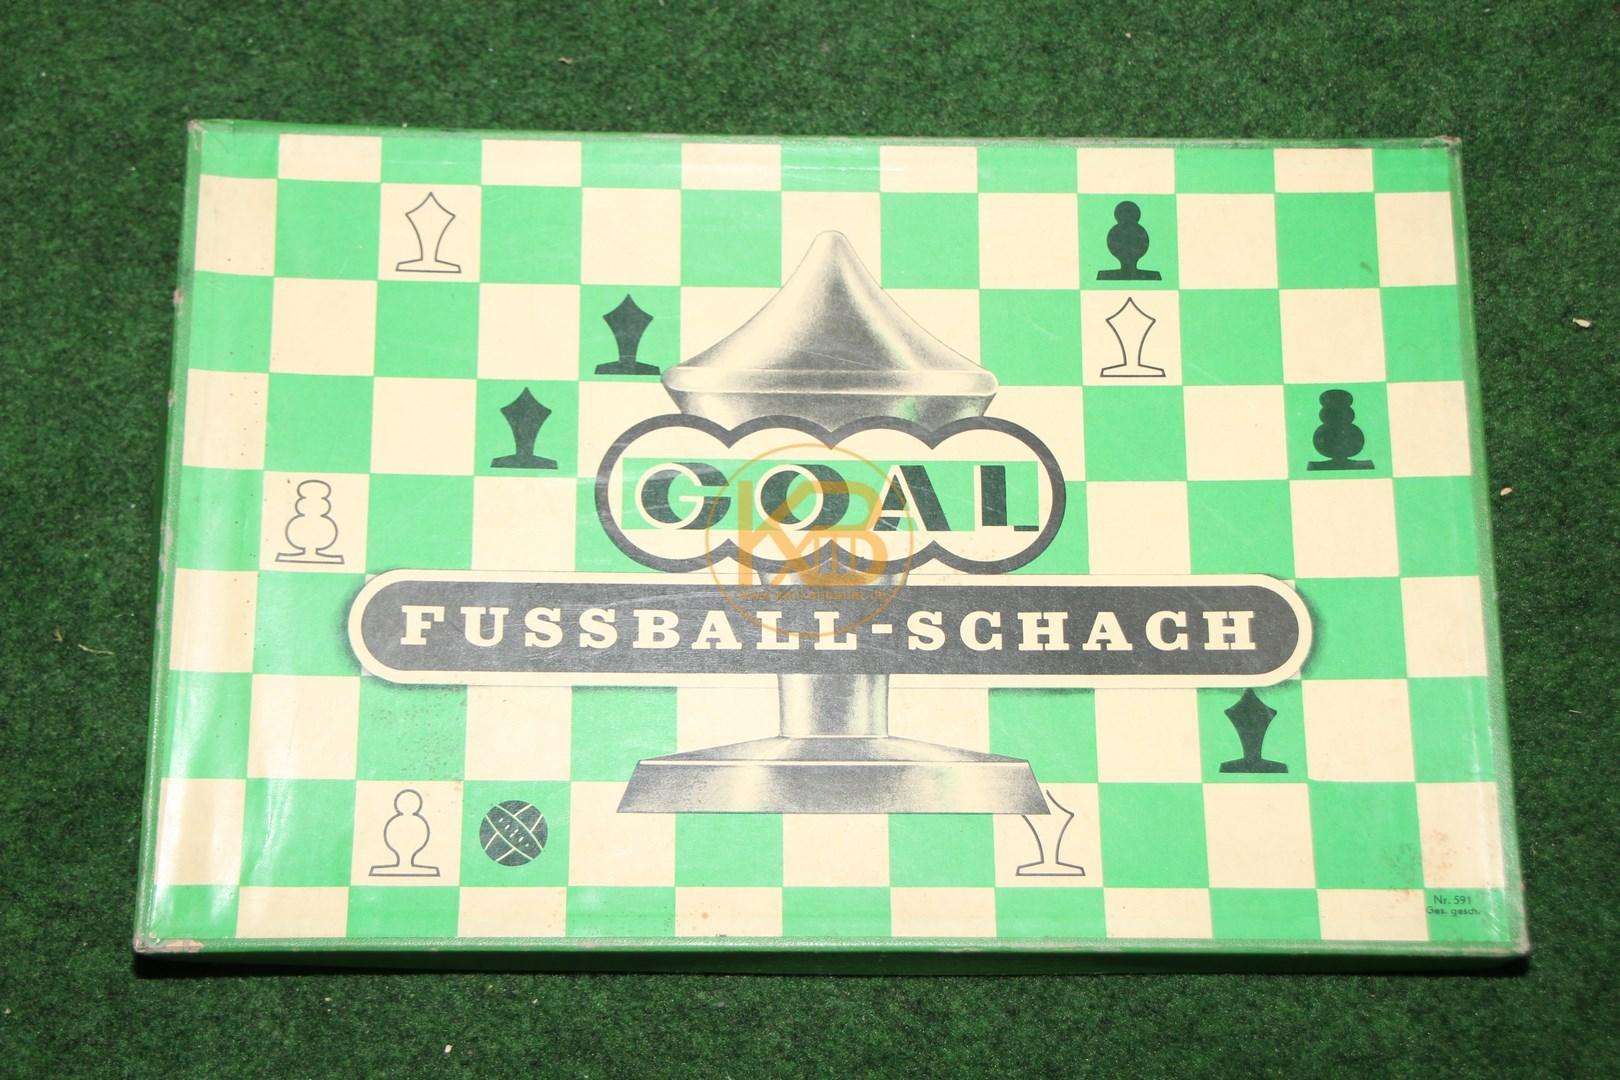 Goal Fussball Schach vom Tip Verlag Basel aus dem Jahr 1958.